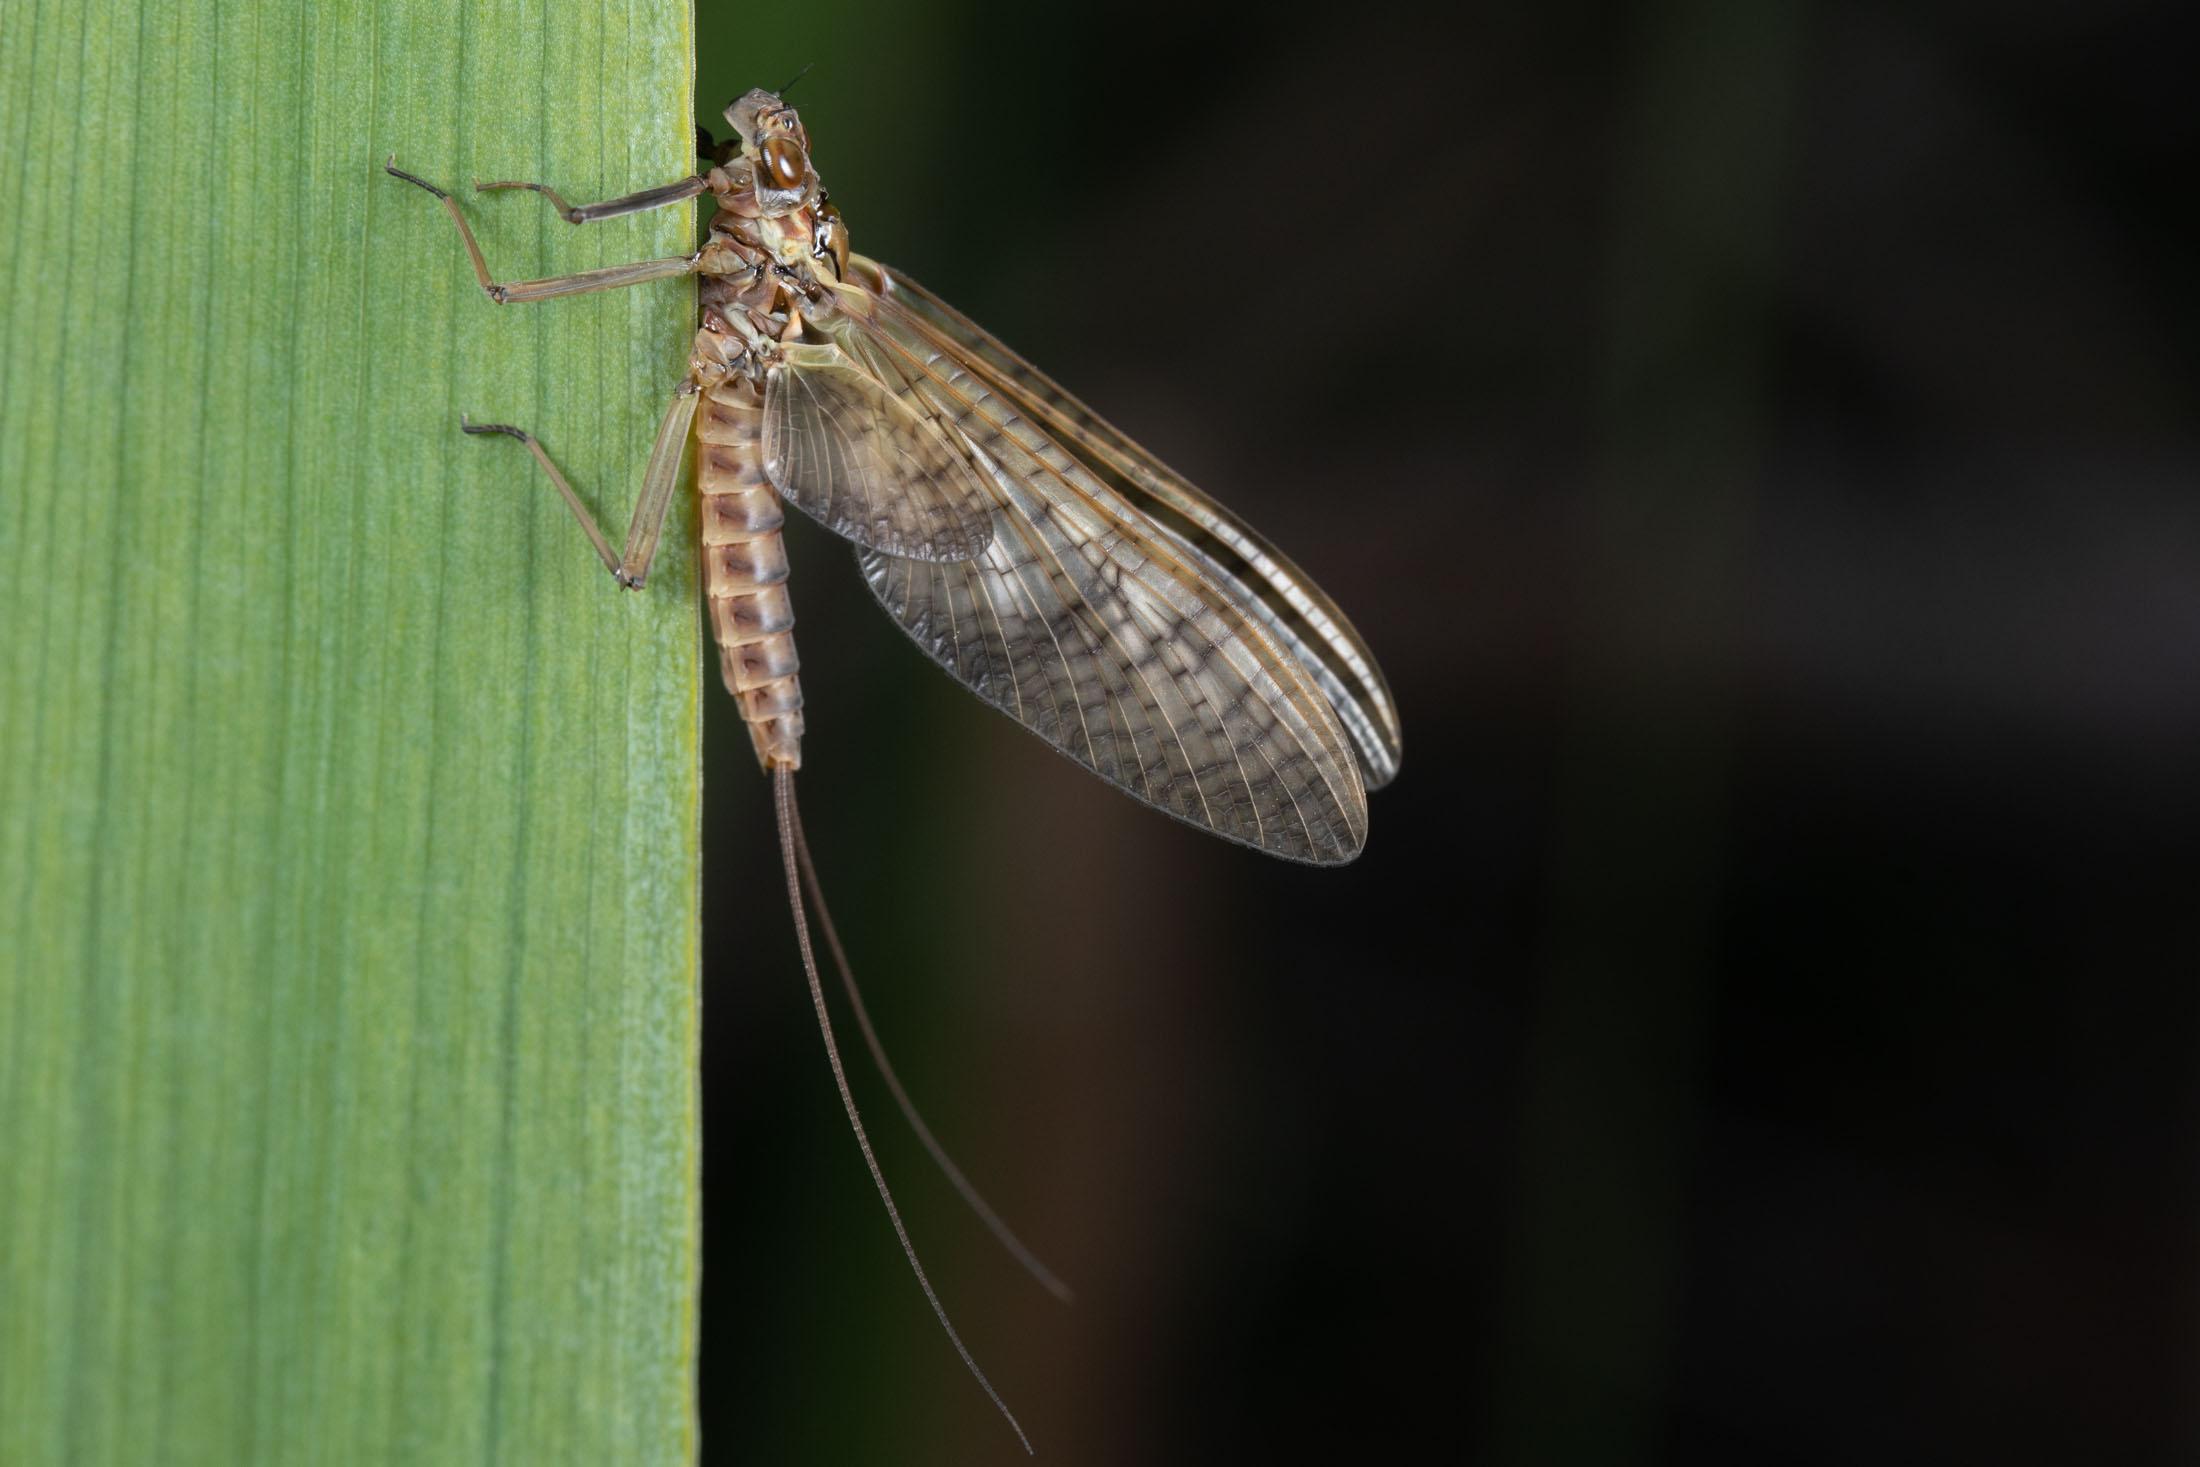 Mayfly dun © Nick Baker